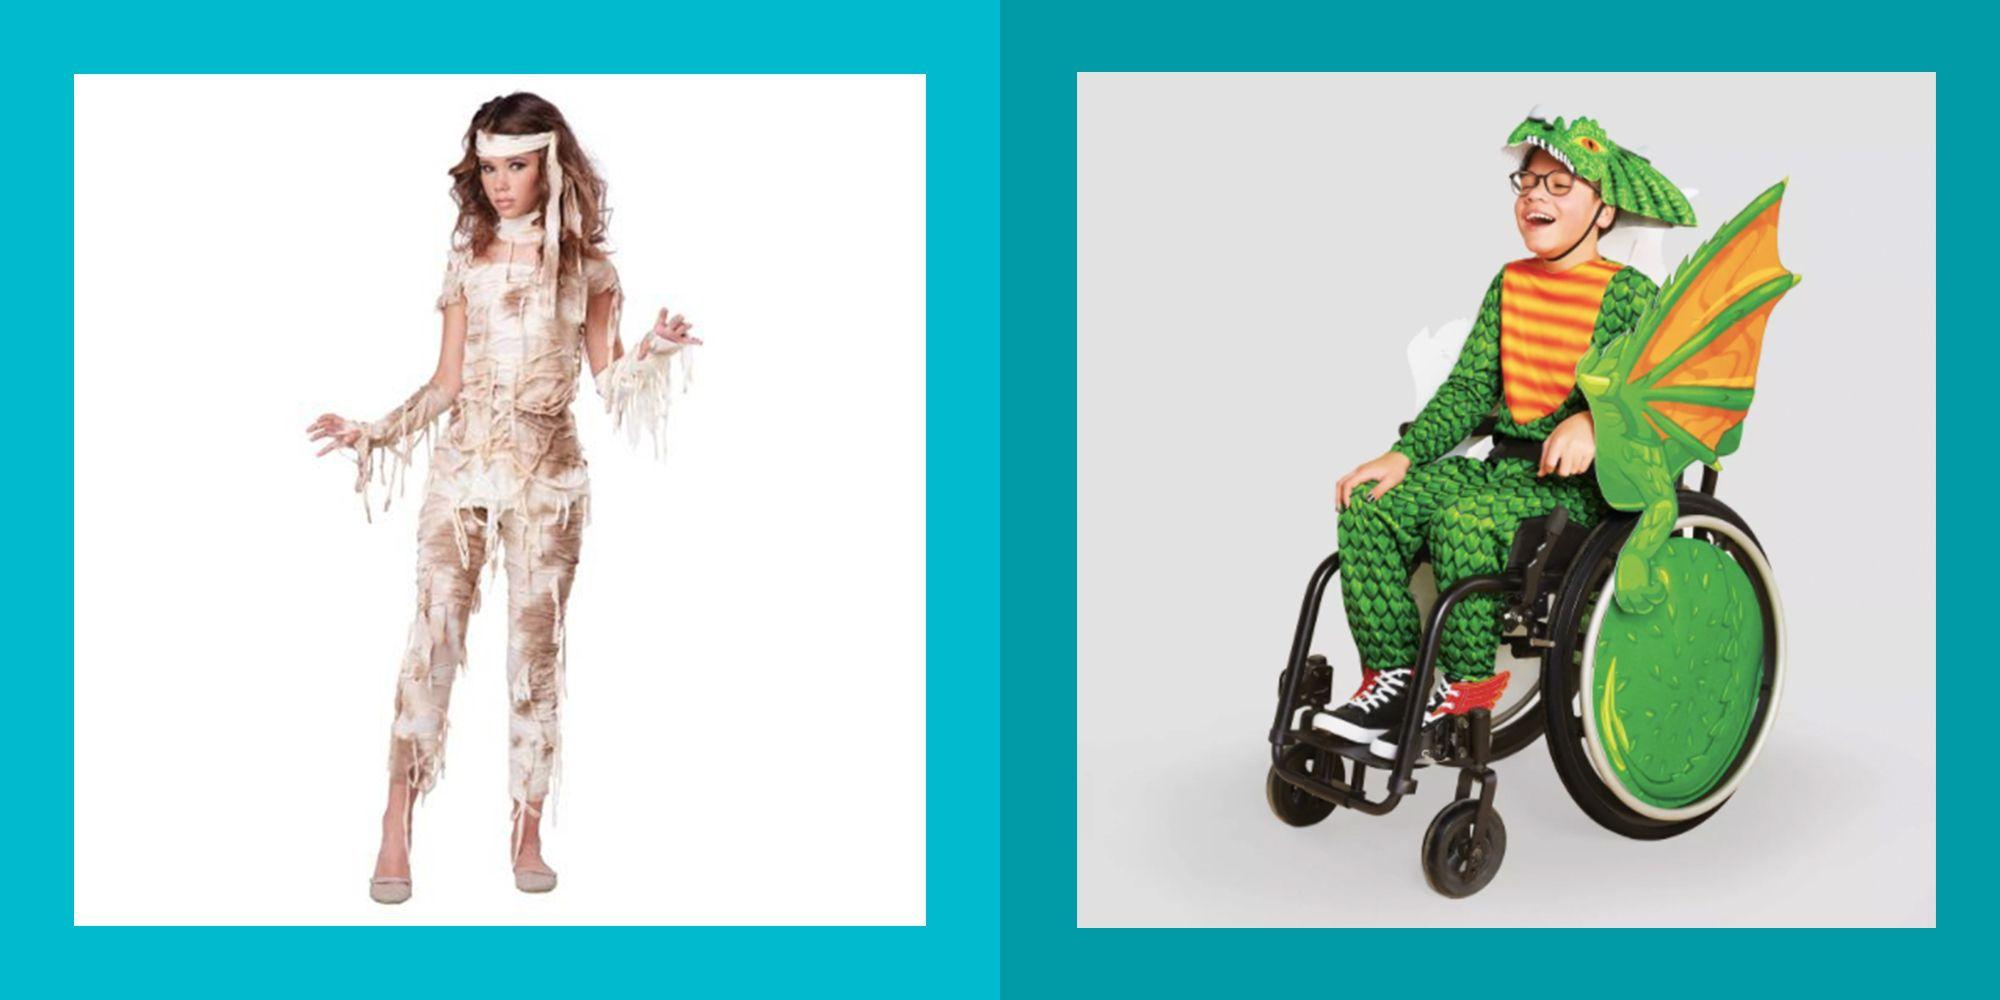 Tween In Costume Halloween 2020 42 Tween Halloween Costumes 2020 — Adaptive Costumes for Tweens